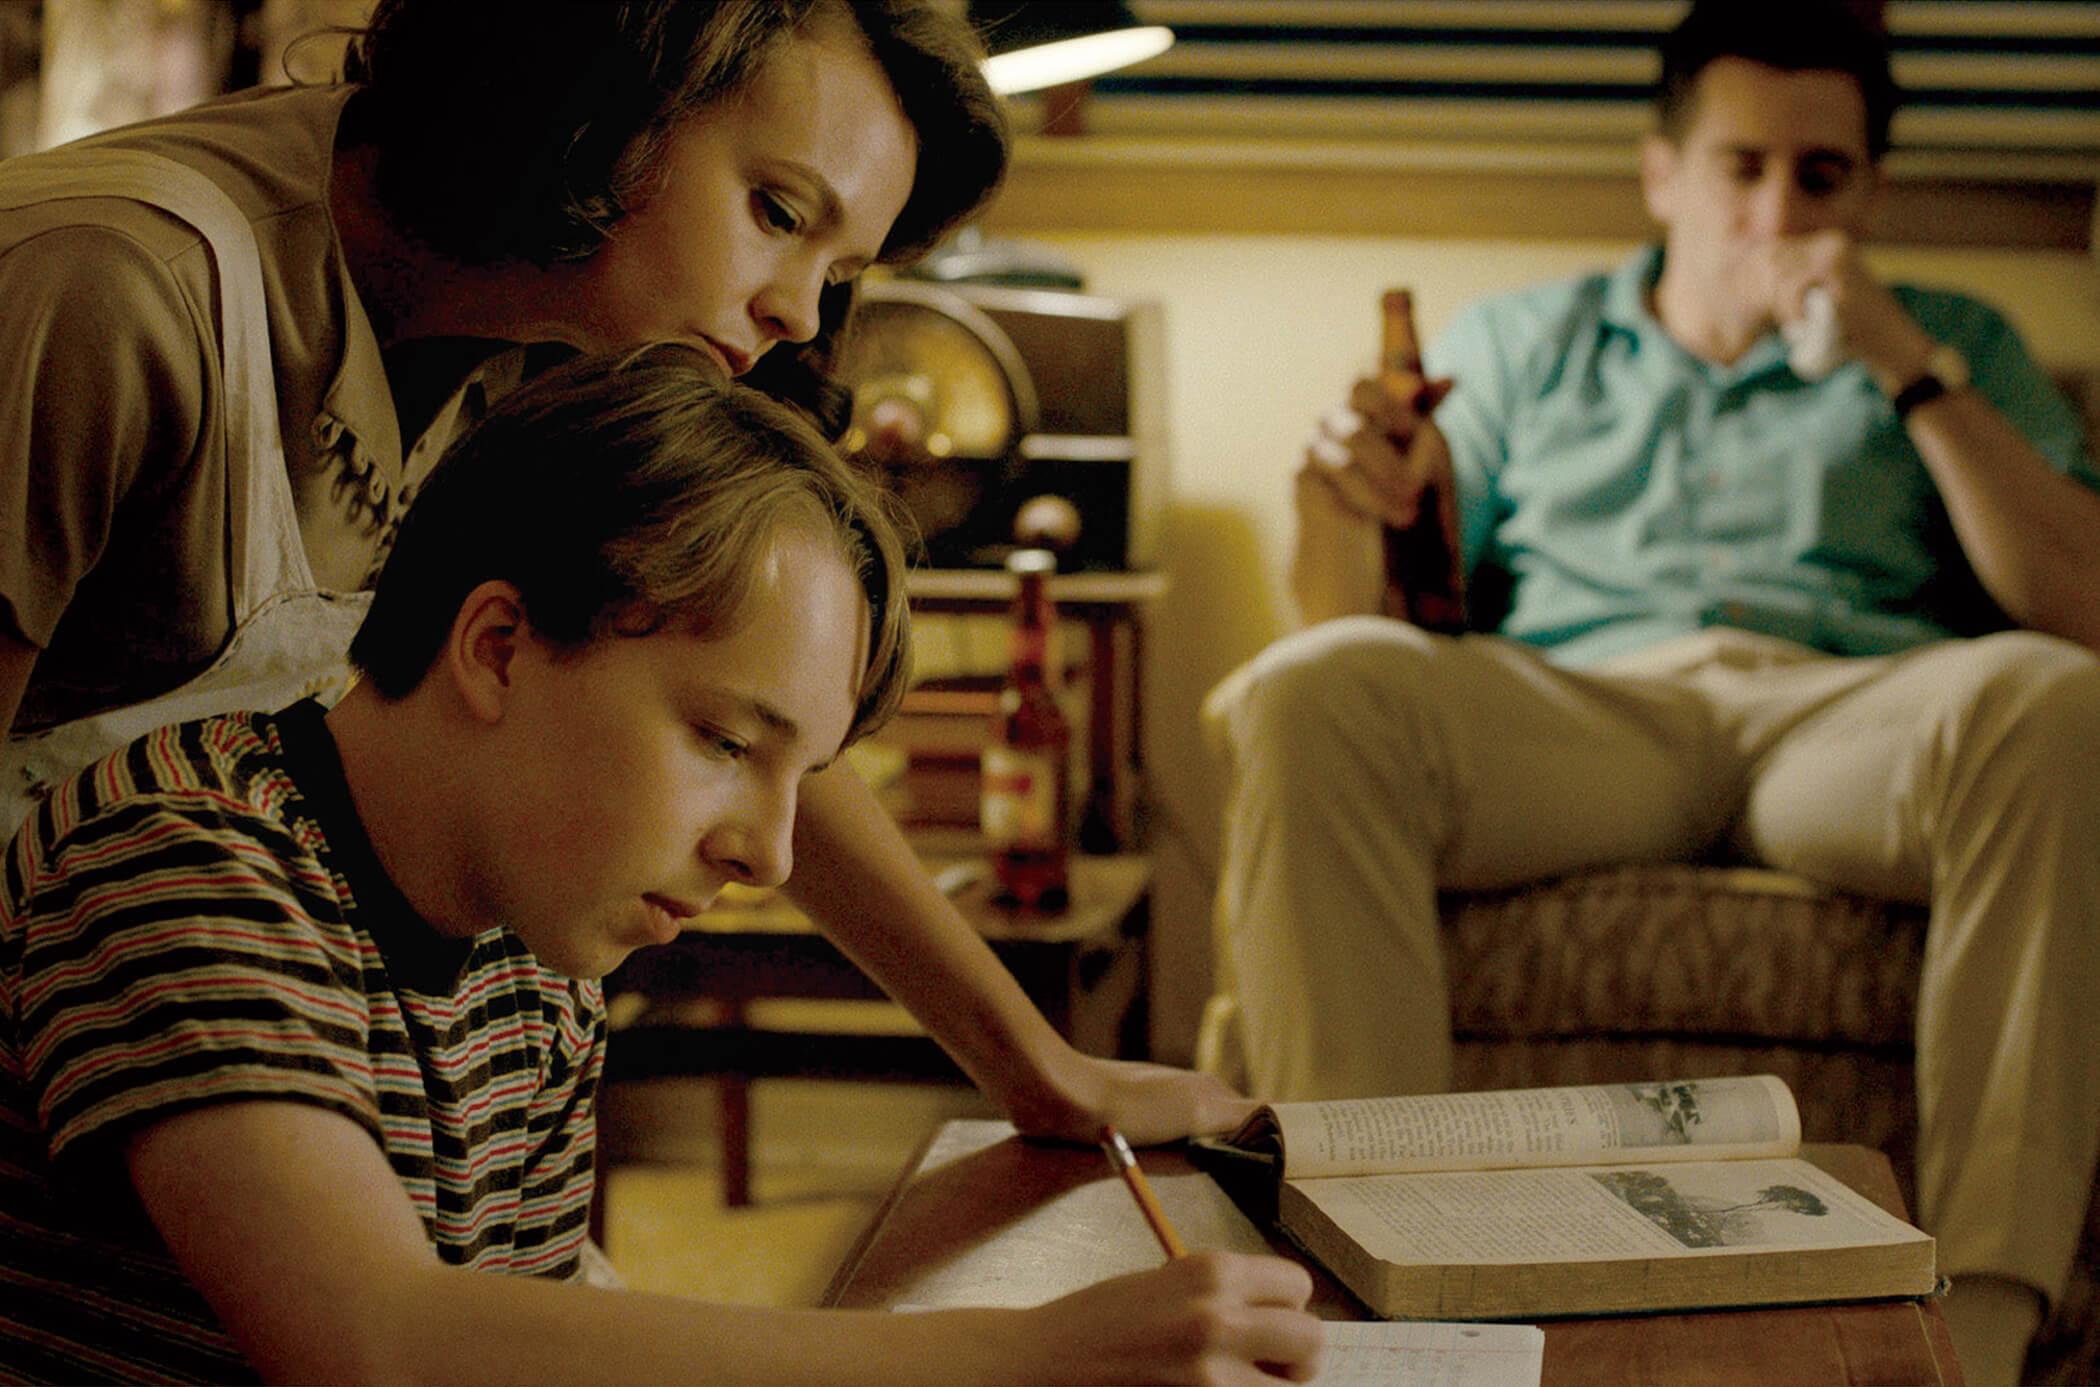 上映映画をもっと知りたい! 語りたい倶楽部。#27『ワイルドライフ』